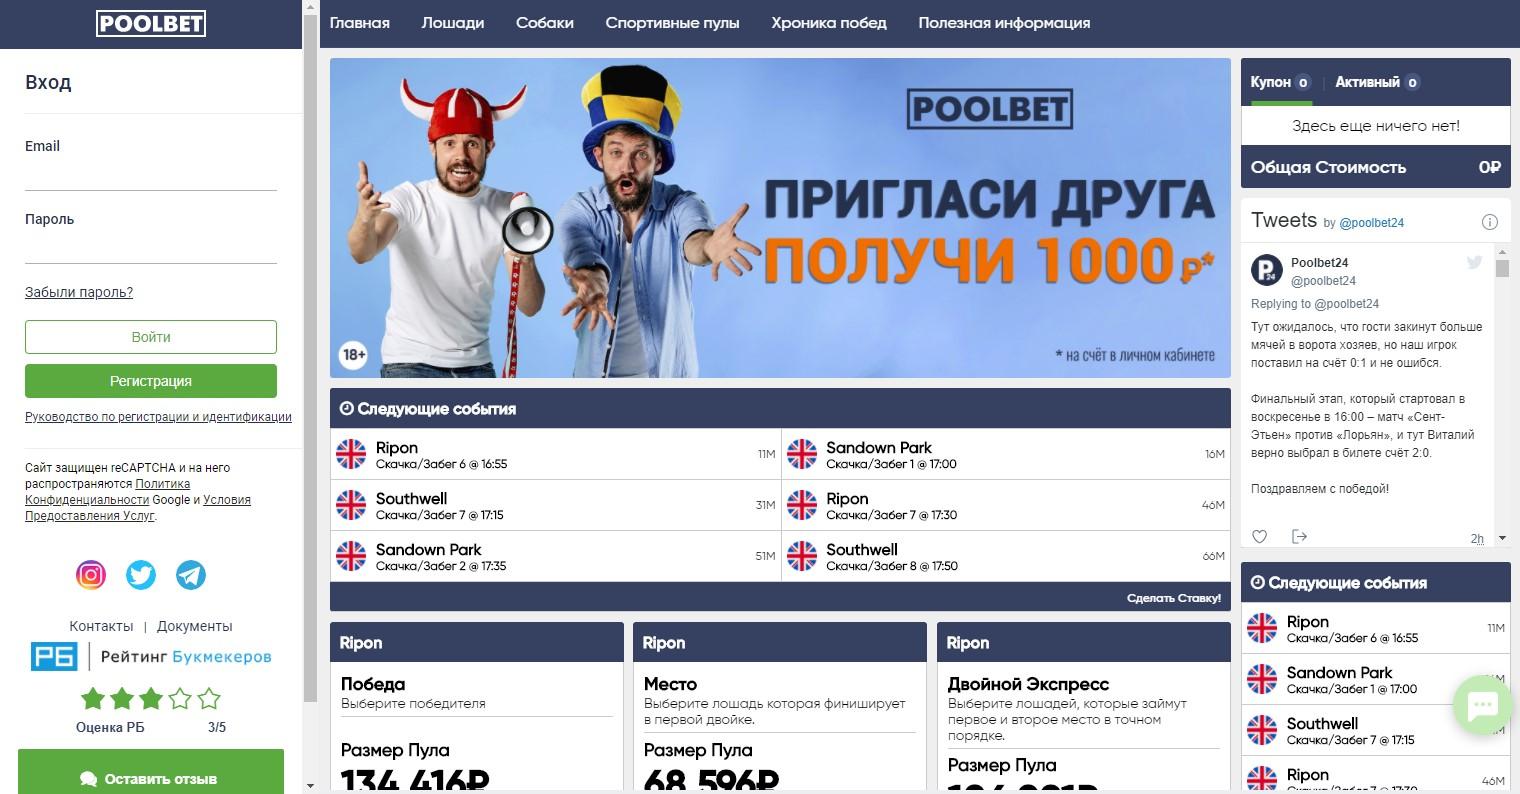 Poolbet - обзор букмекерской конторы и регистрация